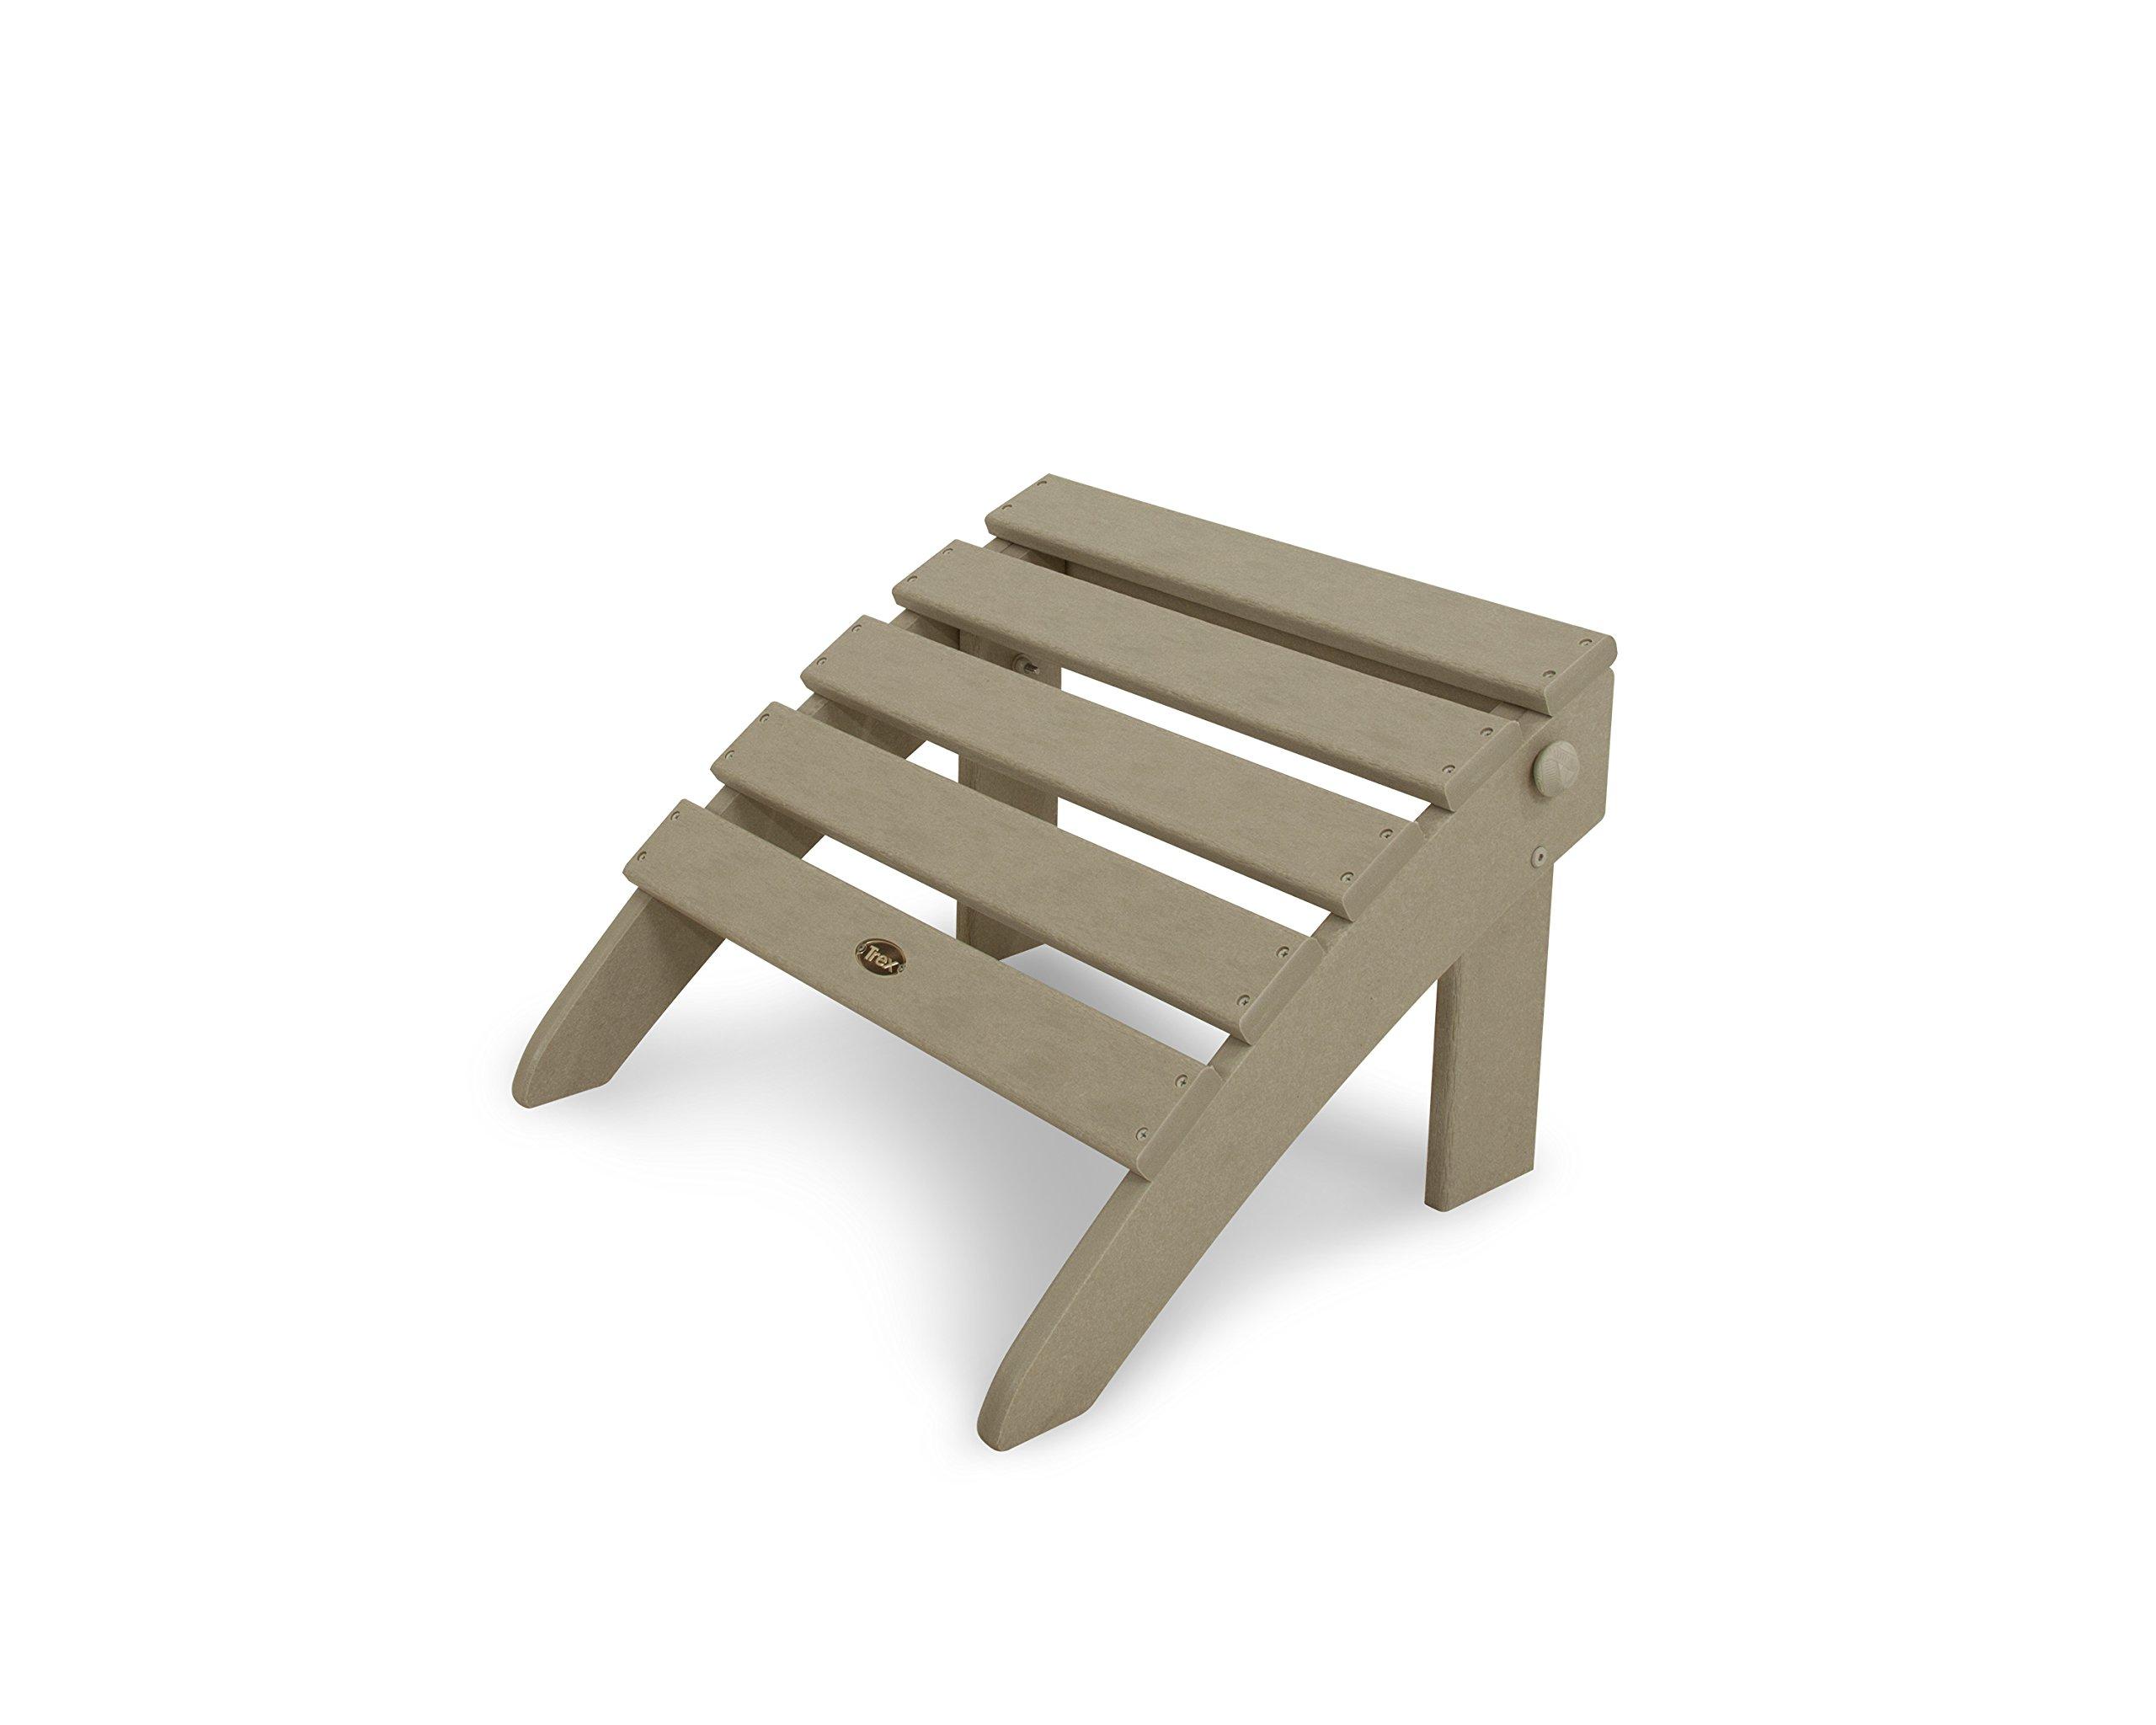 Trex Outdoor Furniture TXO53SC Cape Cod Folding Ottoman, Sand Castle